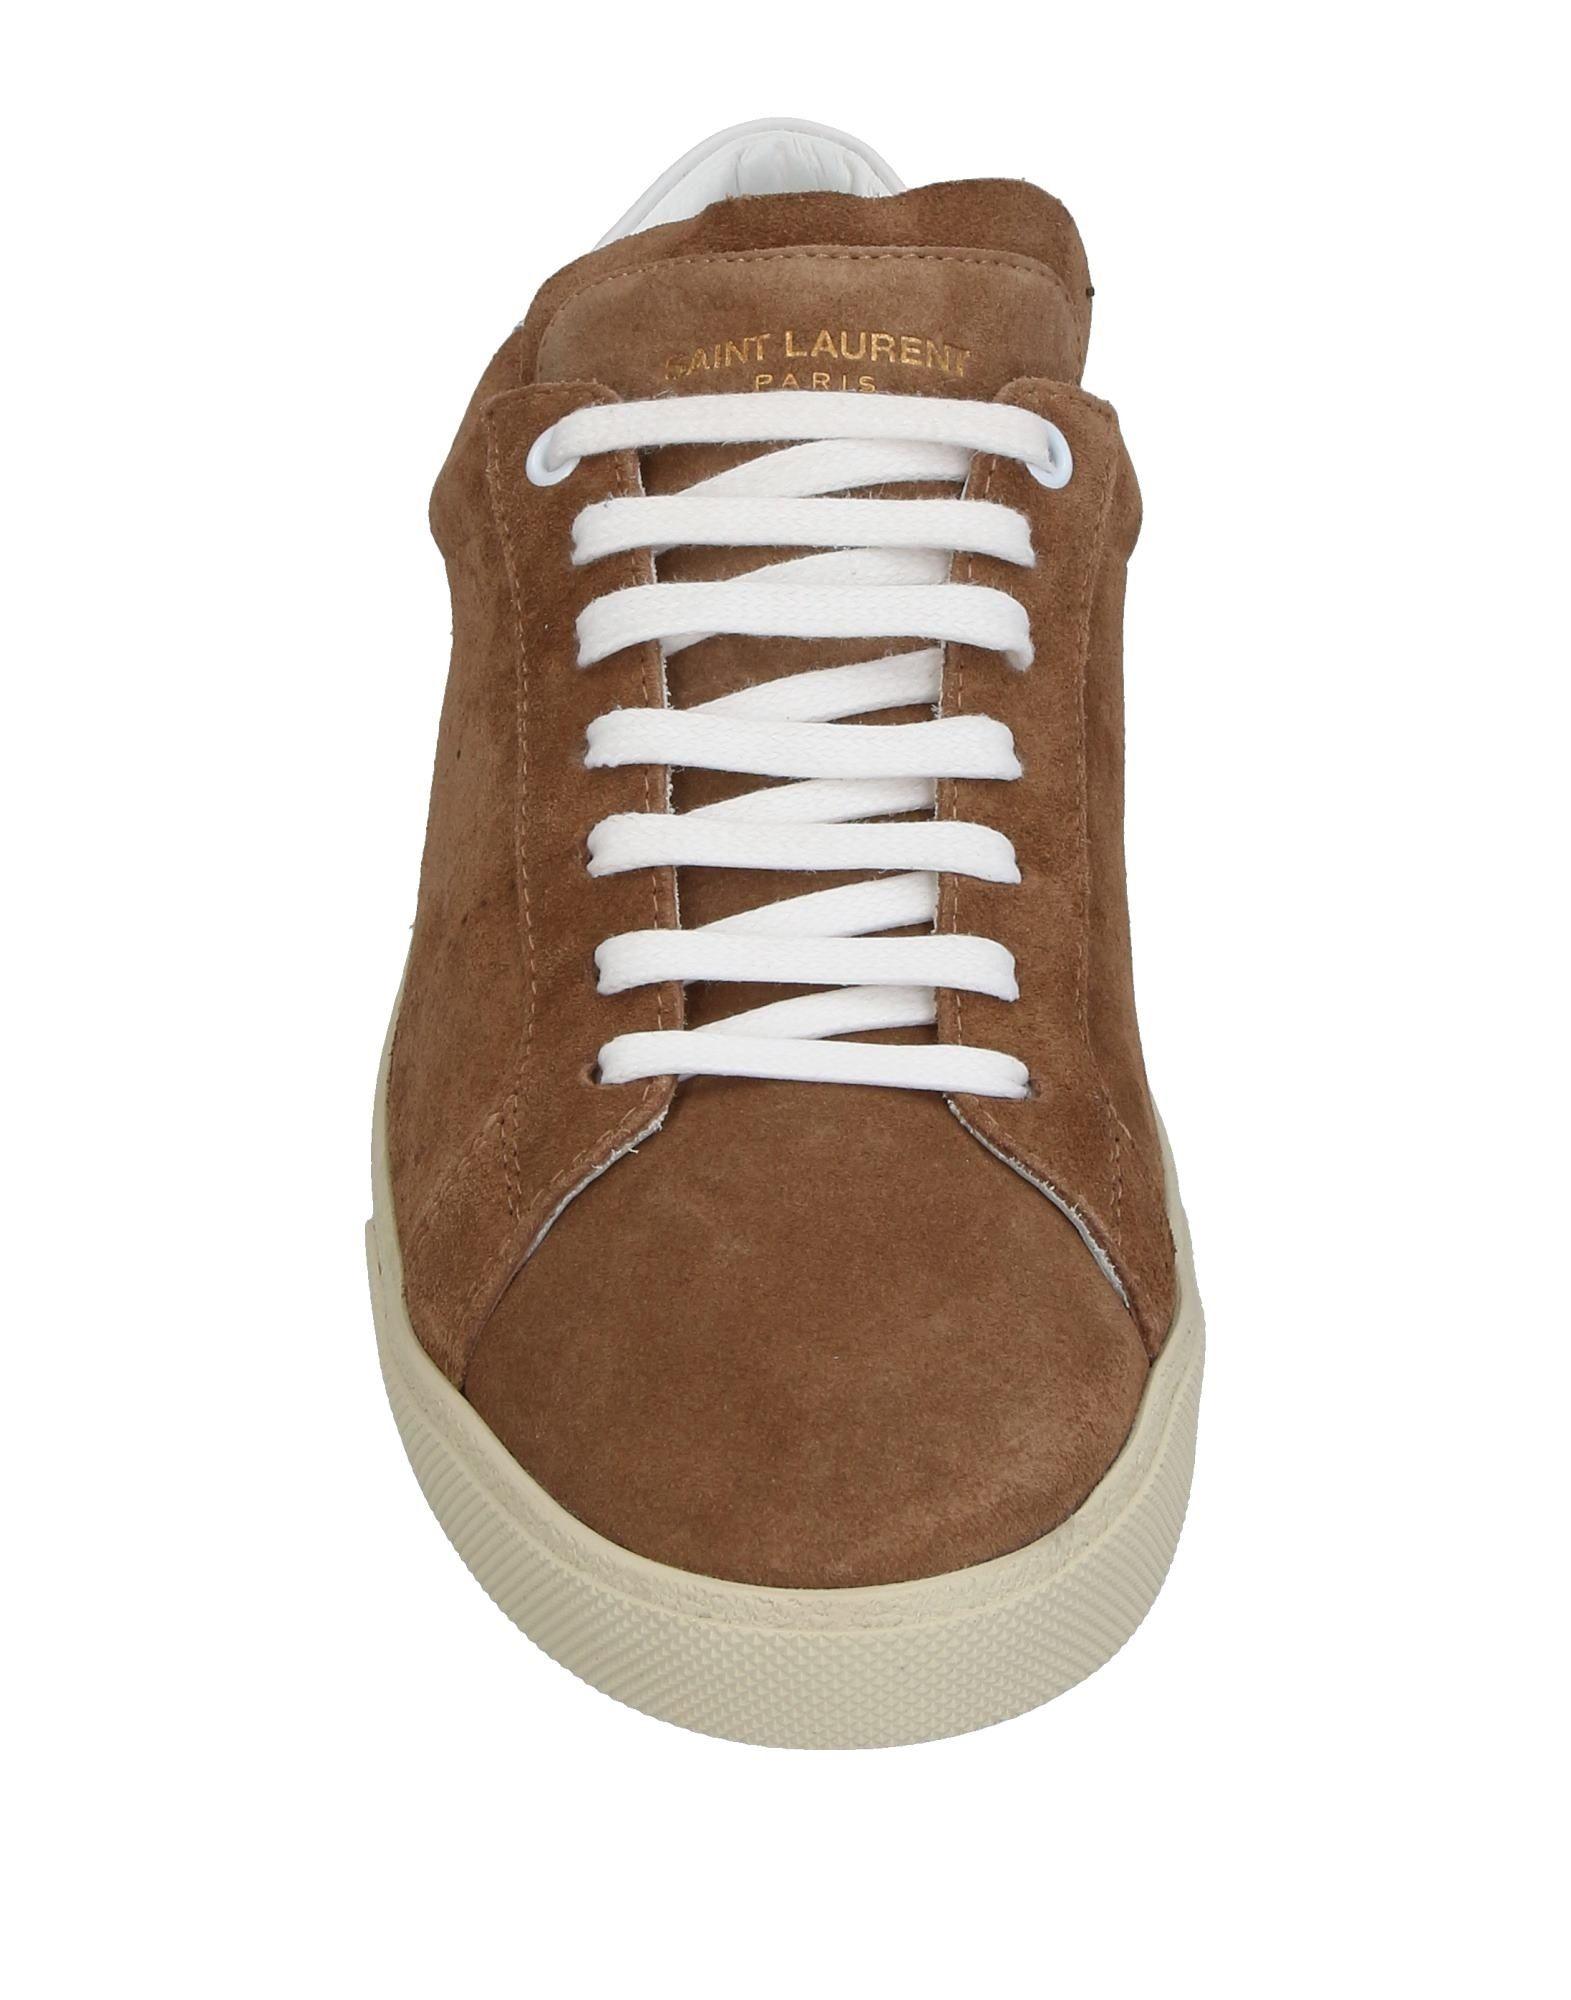 Saint Laurent Gute Sneakers Herren  11390228EW Gute Laurent Qualität beliebte Schuhe ee5633